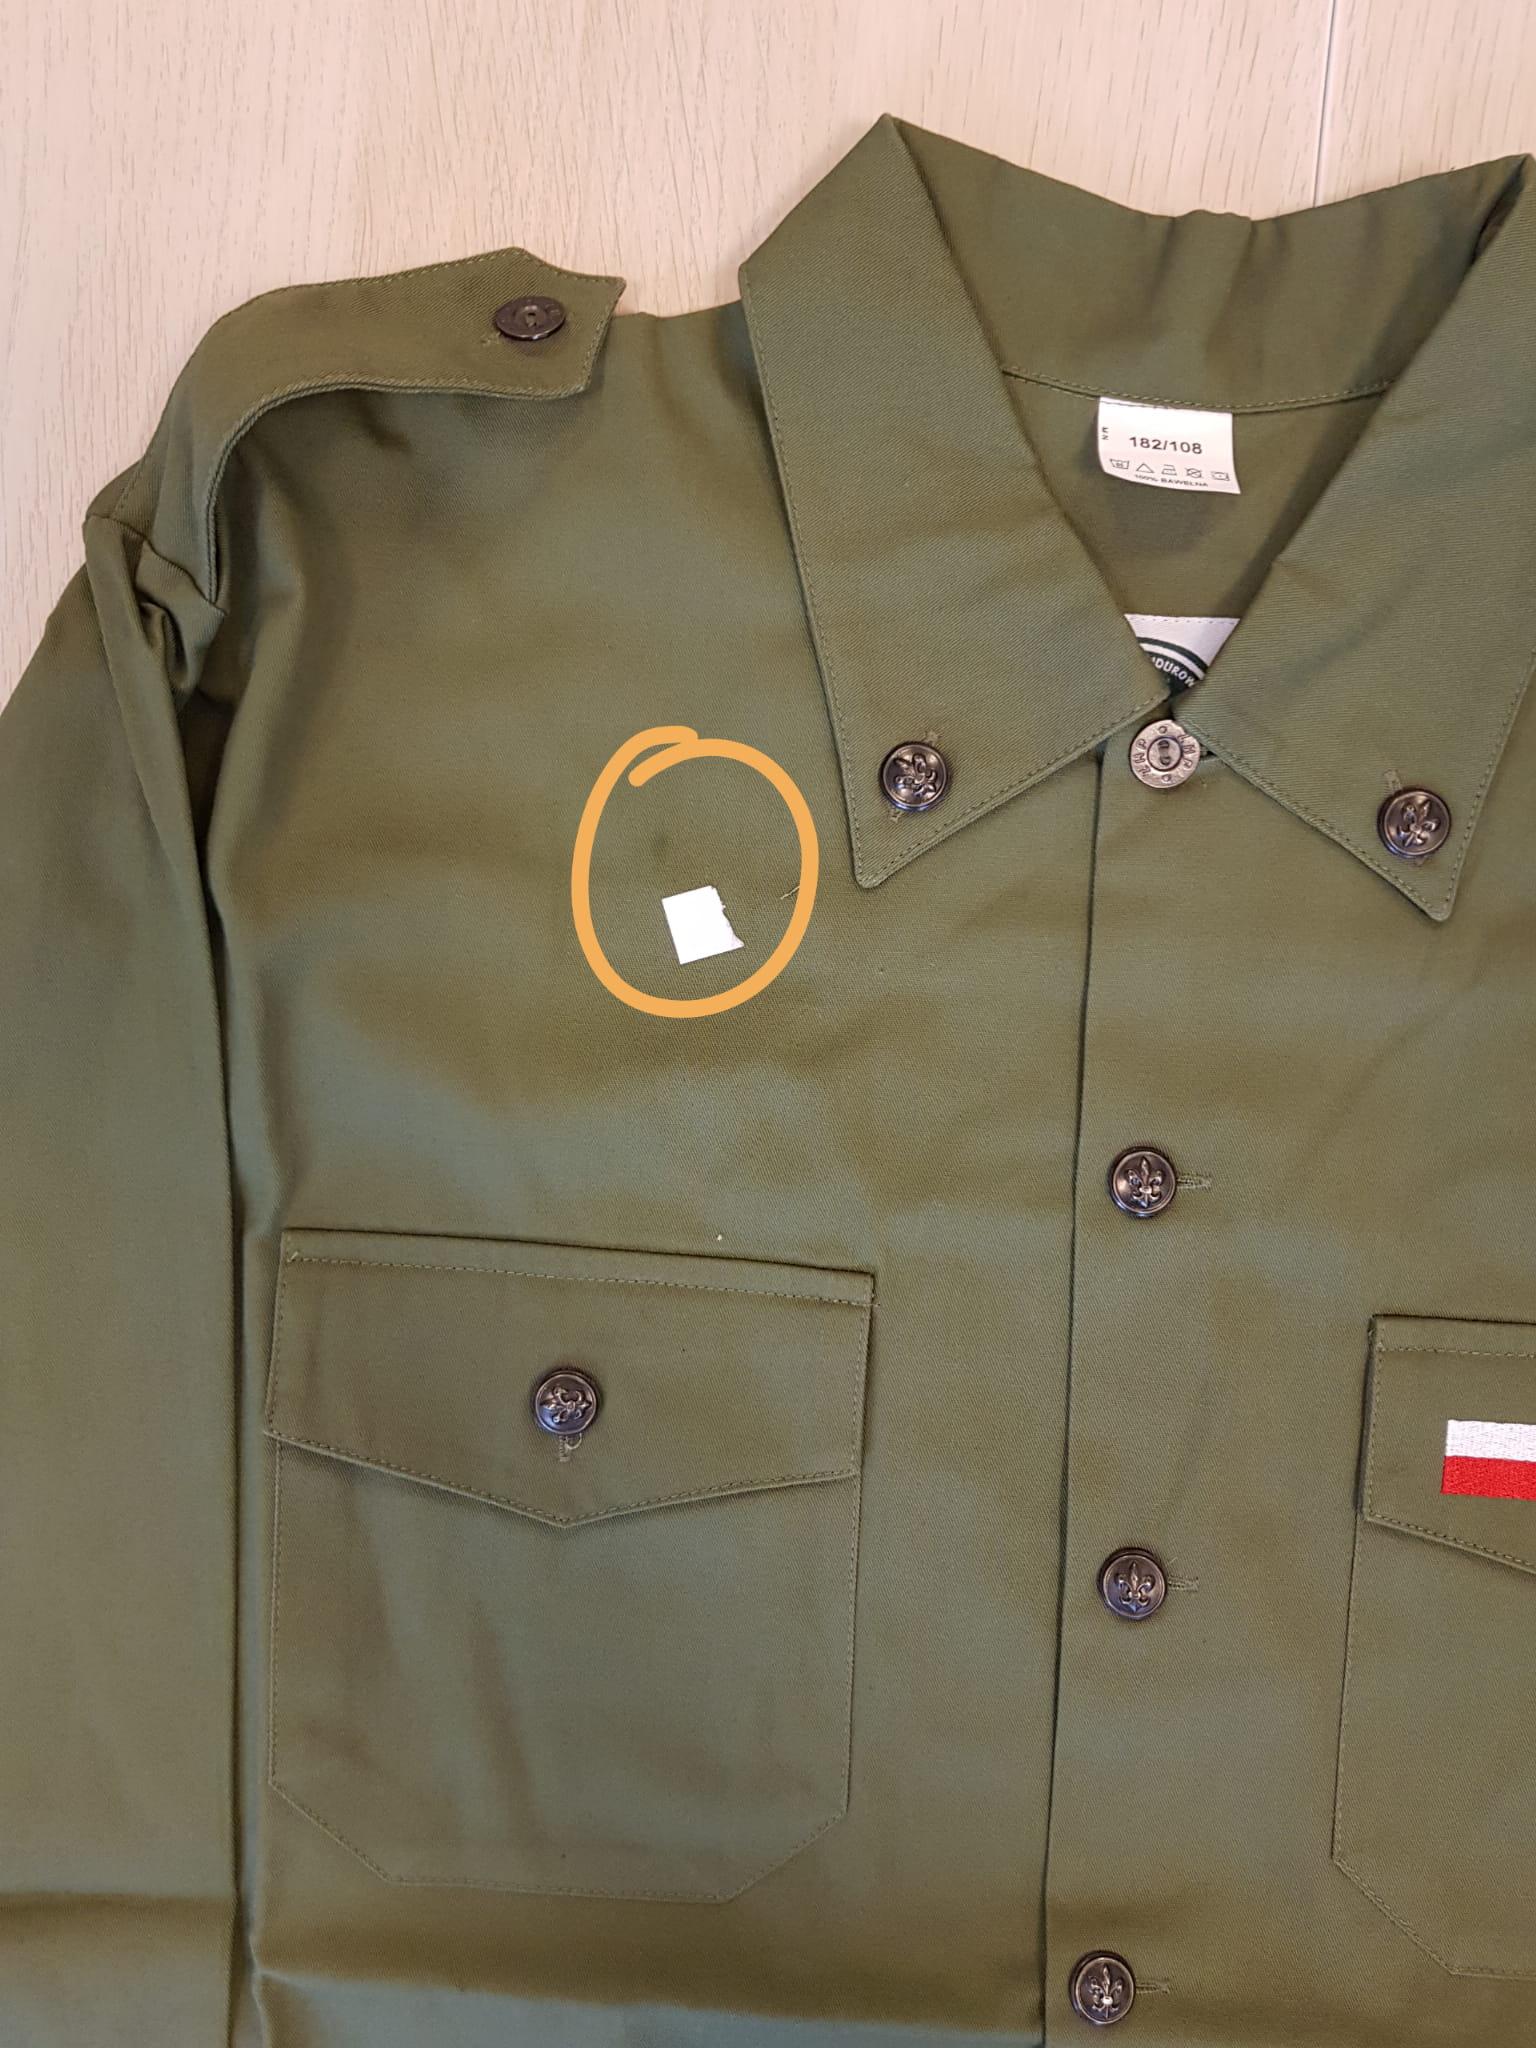 49b672c73ae113 Mundur harcerski ZHP / Bluza harcerska / Koszula mundurowa męska ZHP ·  PRZYKŁADOWA WADA PRODUKCYJNA KOSZULI W OUTLECIE : MAŁA PLAMA ...